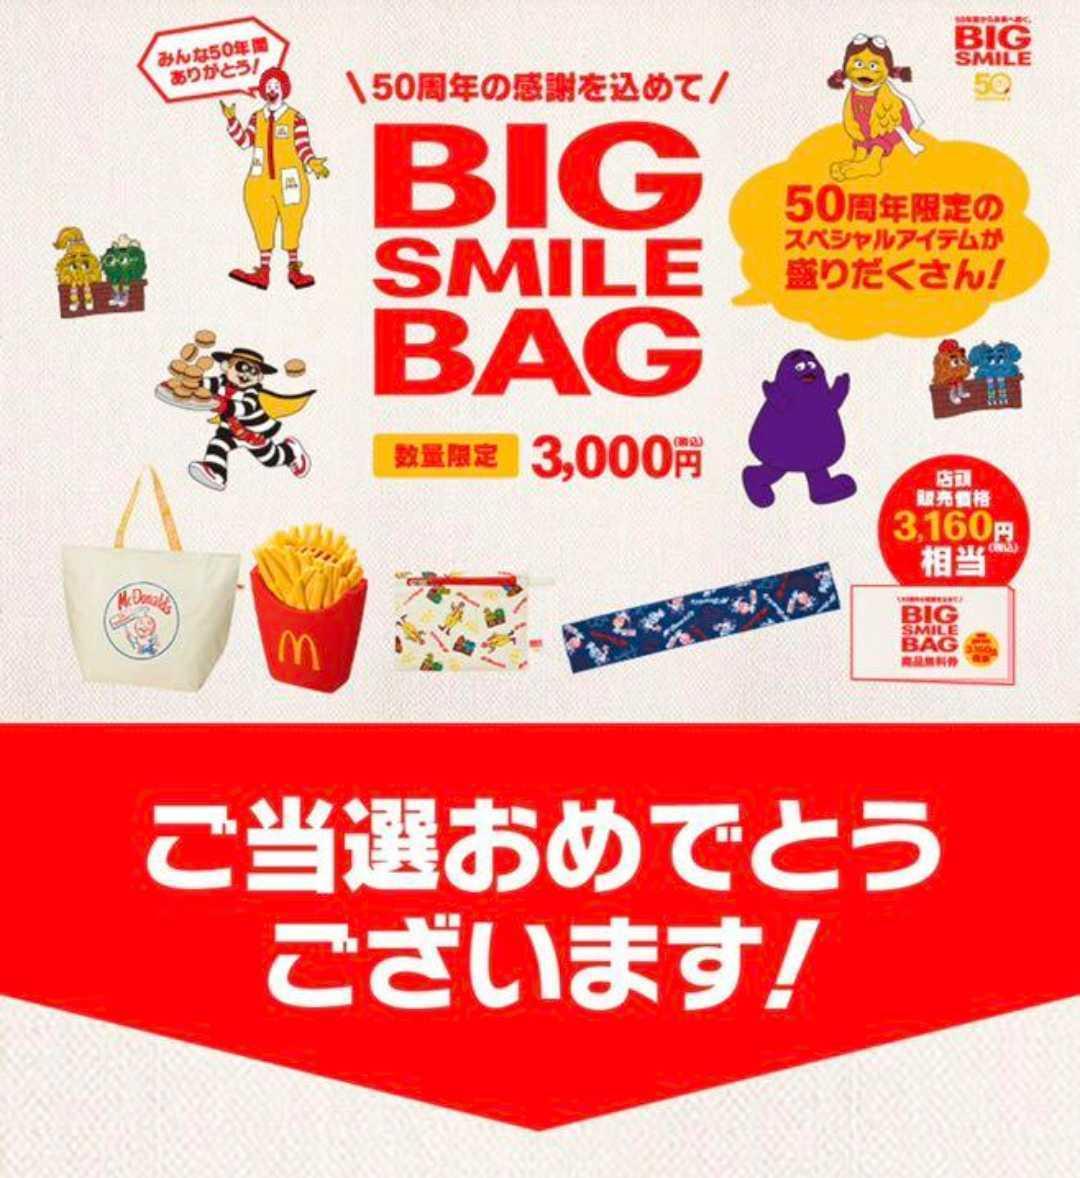 マクドナルド 50周年限定 BIG SMILE BAG ビッグスマイルバッグ 送料無料 即決あり 福袋 トートバッグ ハンディファン 商品無料券なし